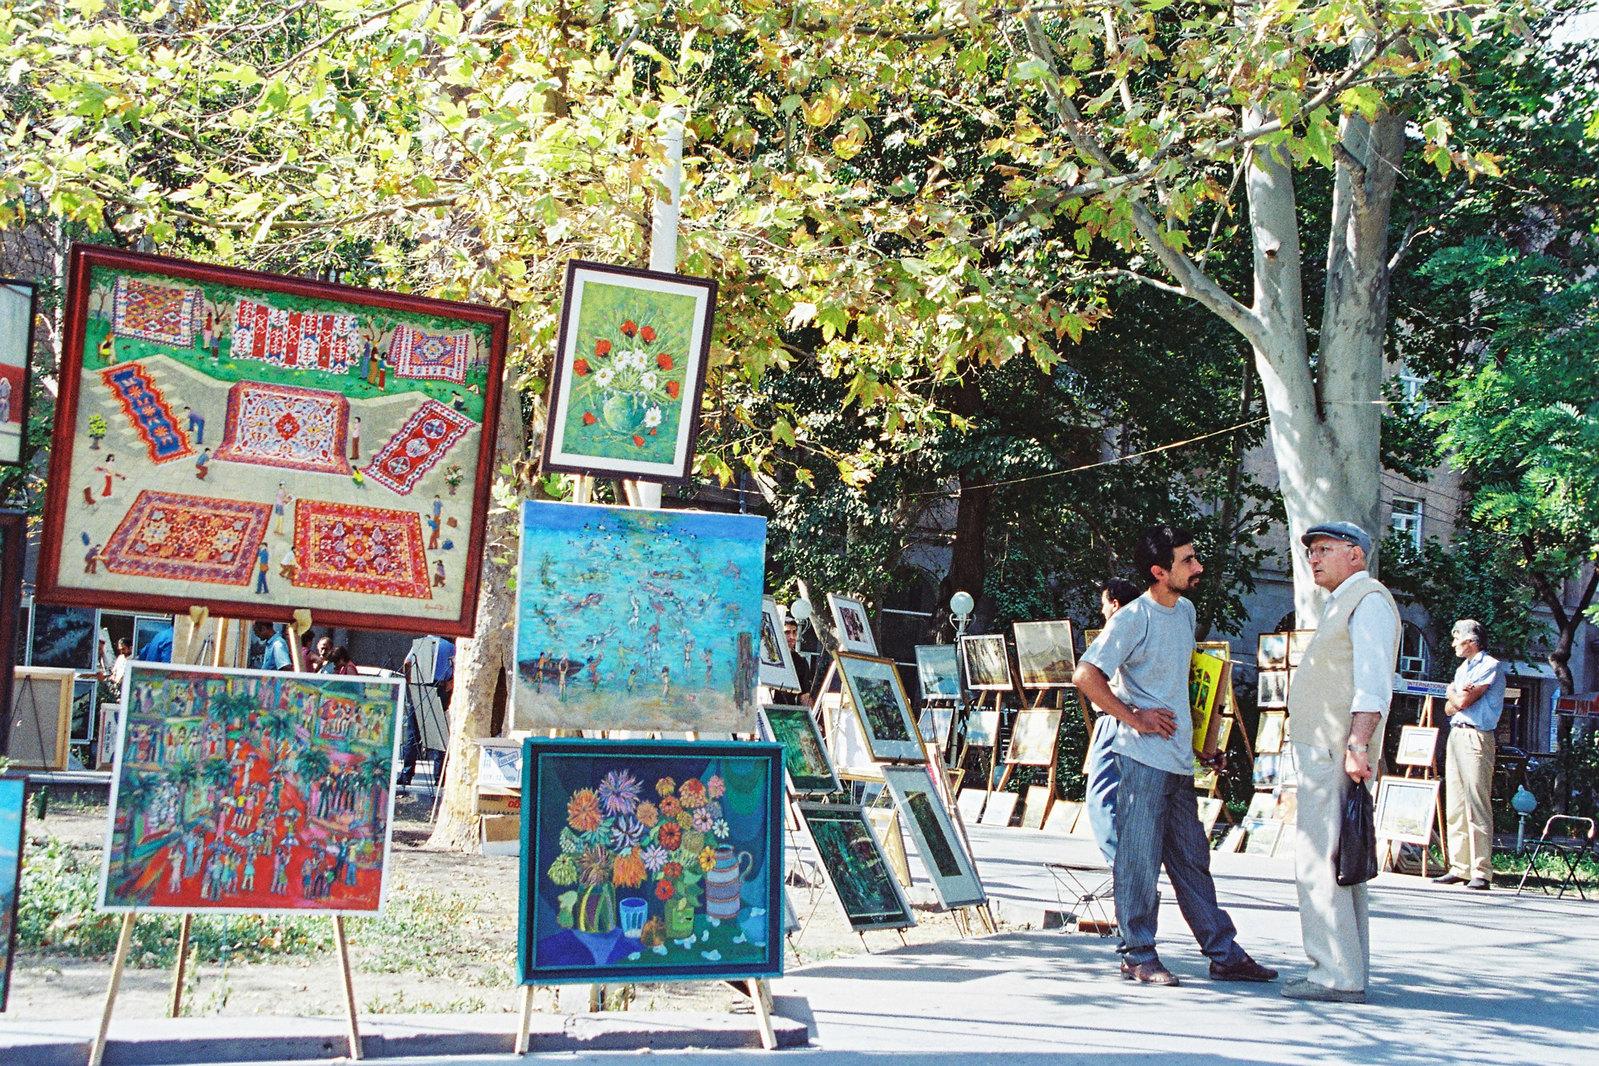 Tomber sous le charme de l'Arménie - Le marché aux peintres